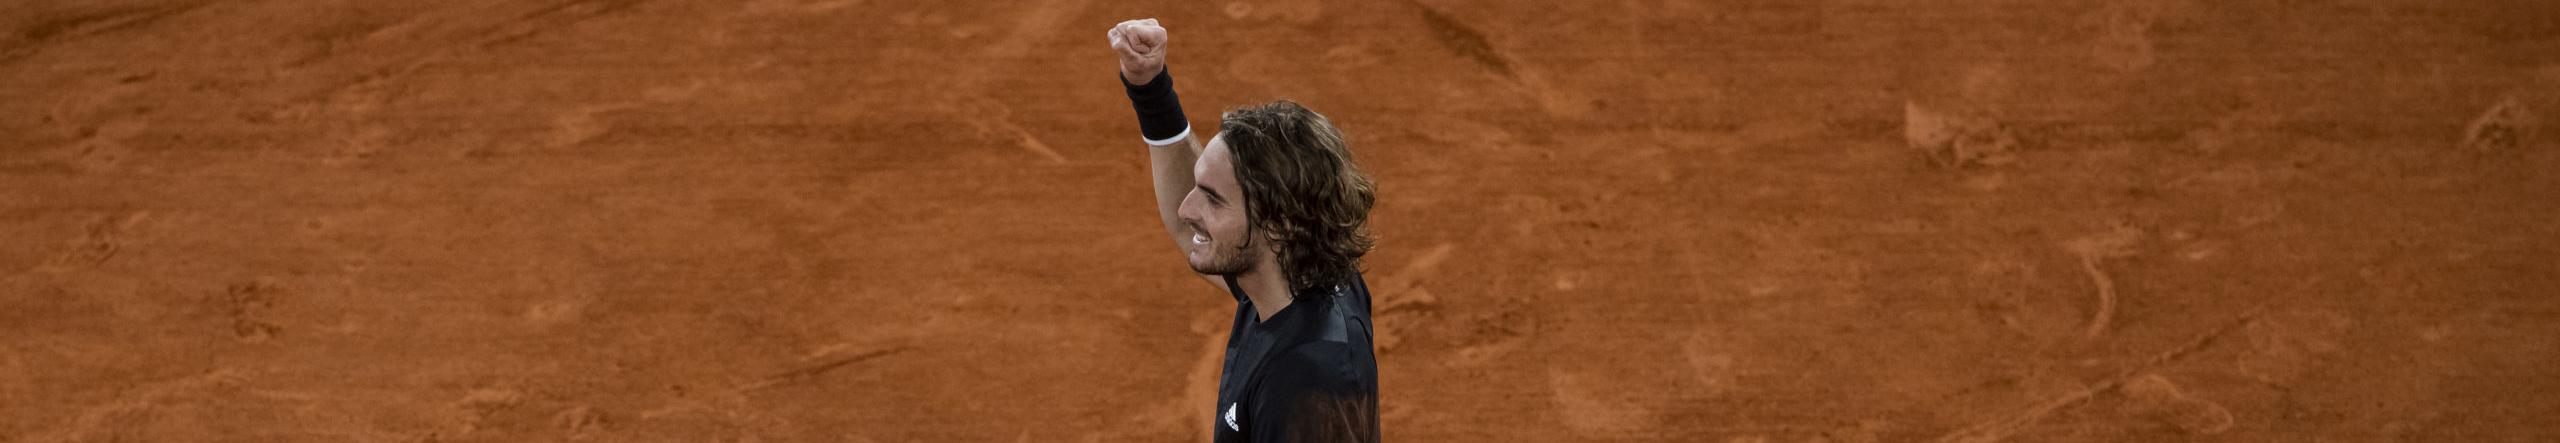 Τσιτσιπάς - Ρούμπλεβ: Για την εκτόξευση στα ημιτελικά του Roland Garros!